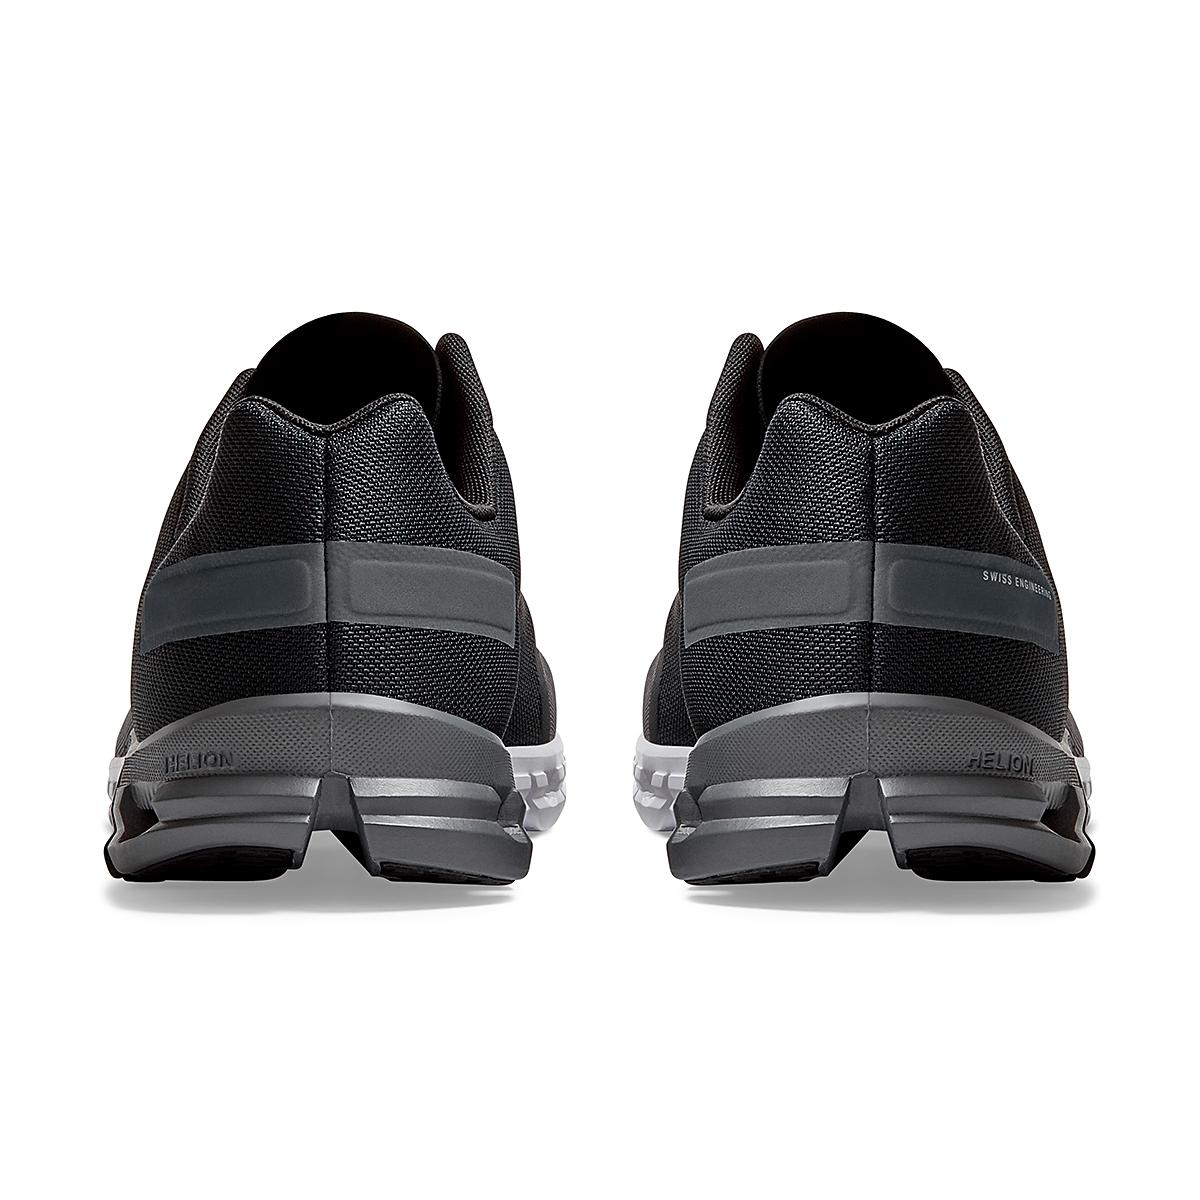 Men's On Cloudflow 3.0 Running Shoe - Color: Black/Asphalt - Size: 7 - Width: Regular, Black/Asphalt, large, image 5